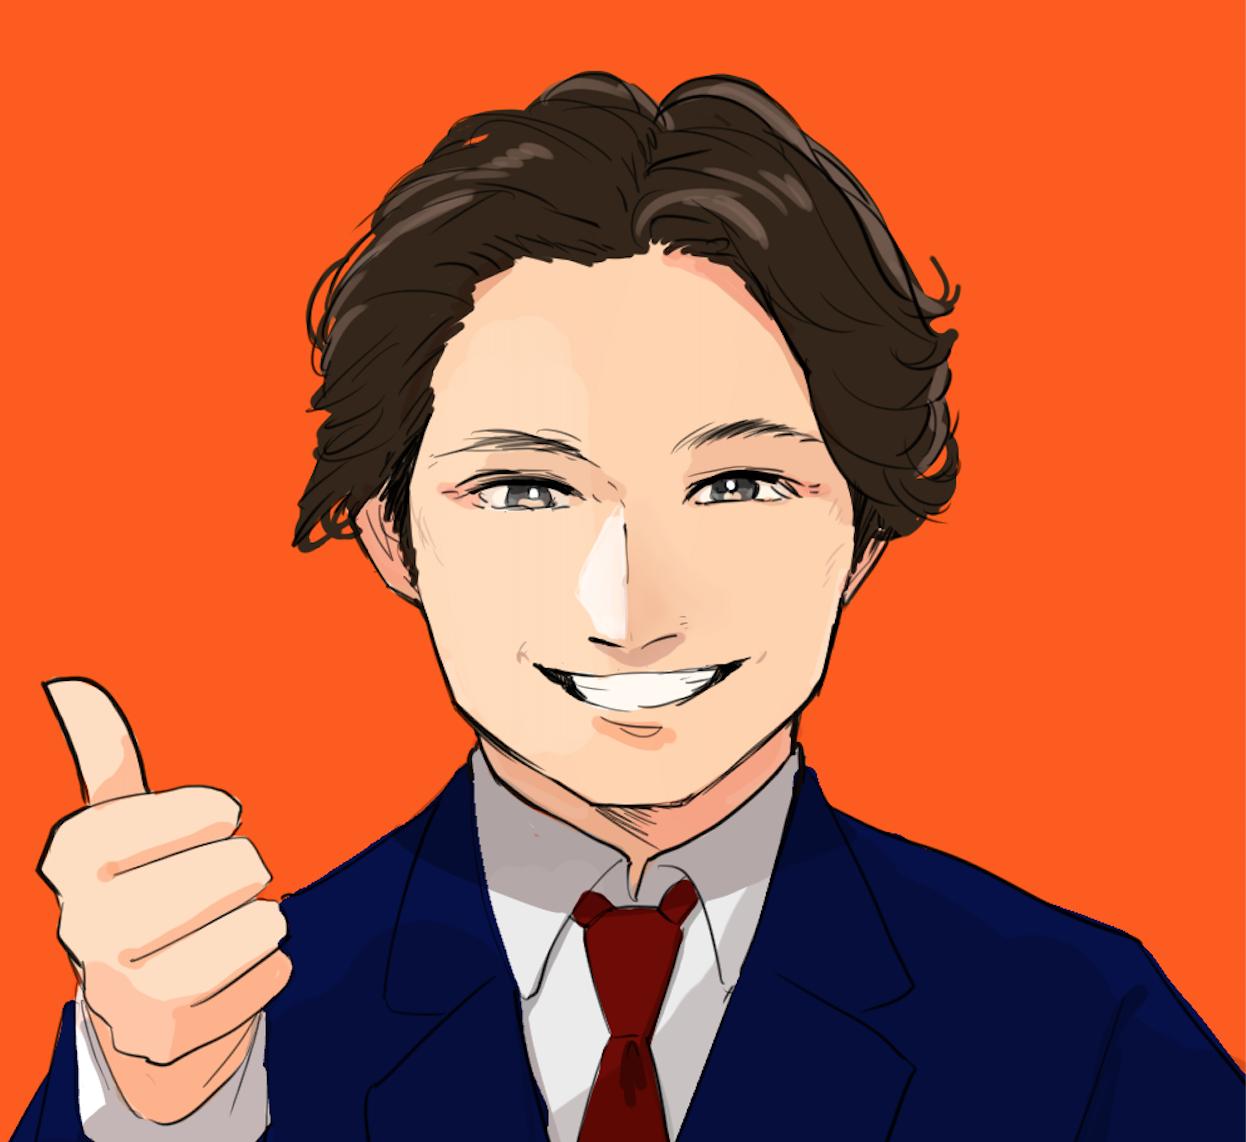 龍馬@不動産投資リスク減らしたい.com